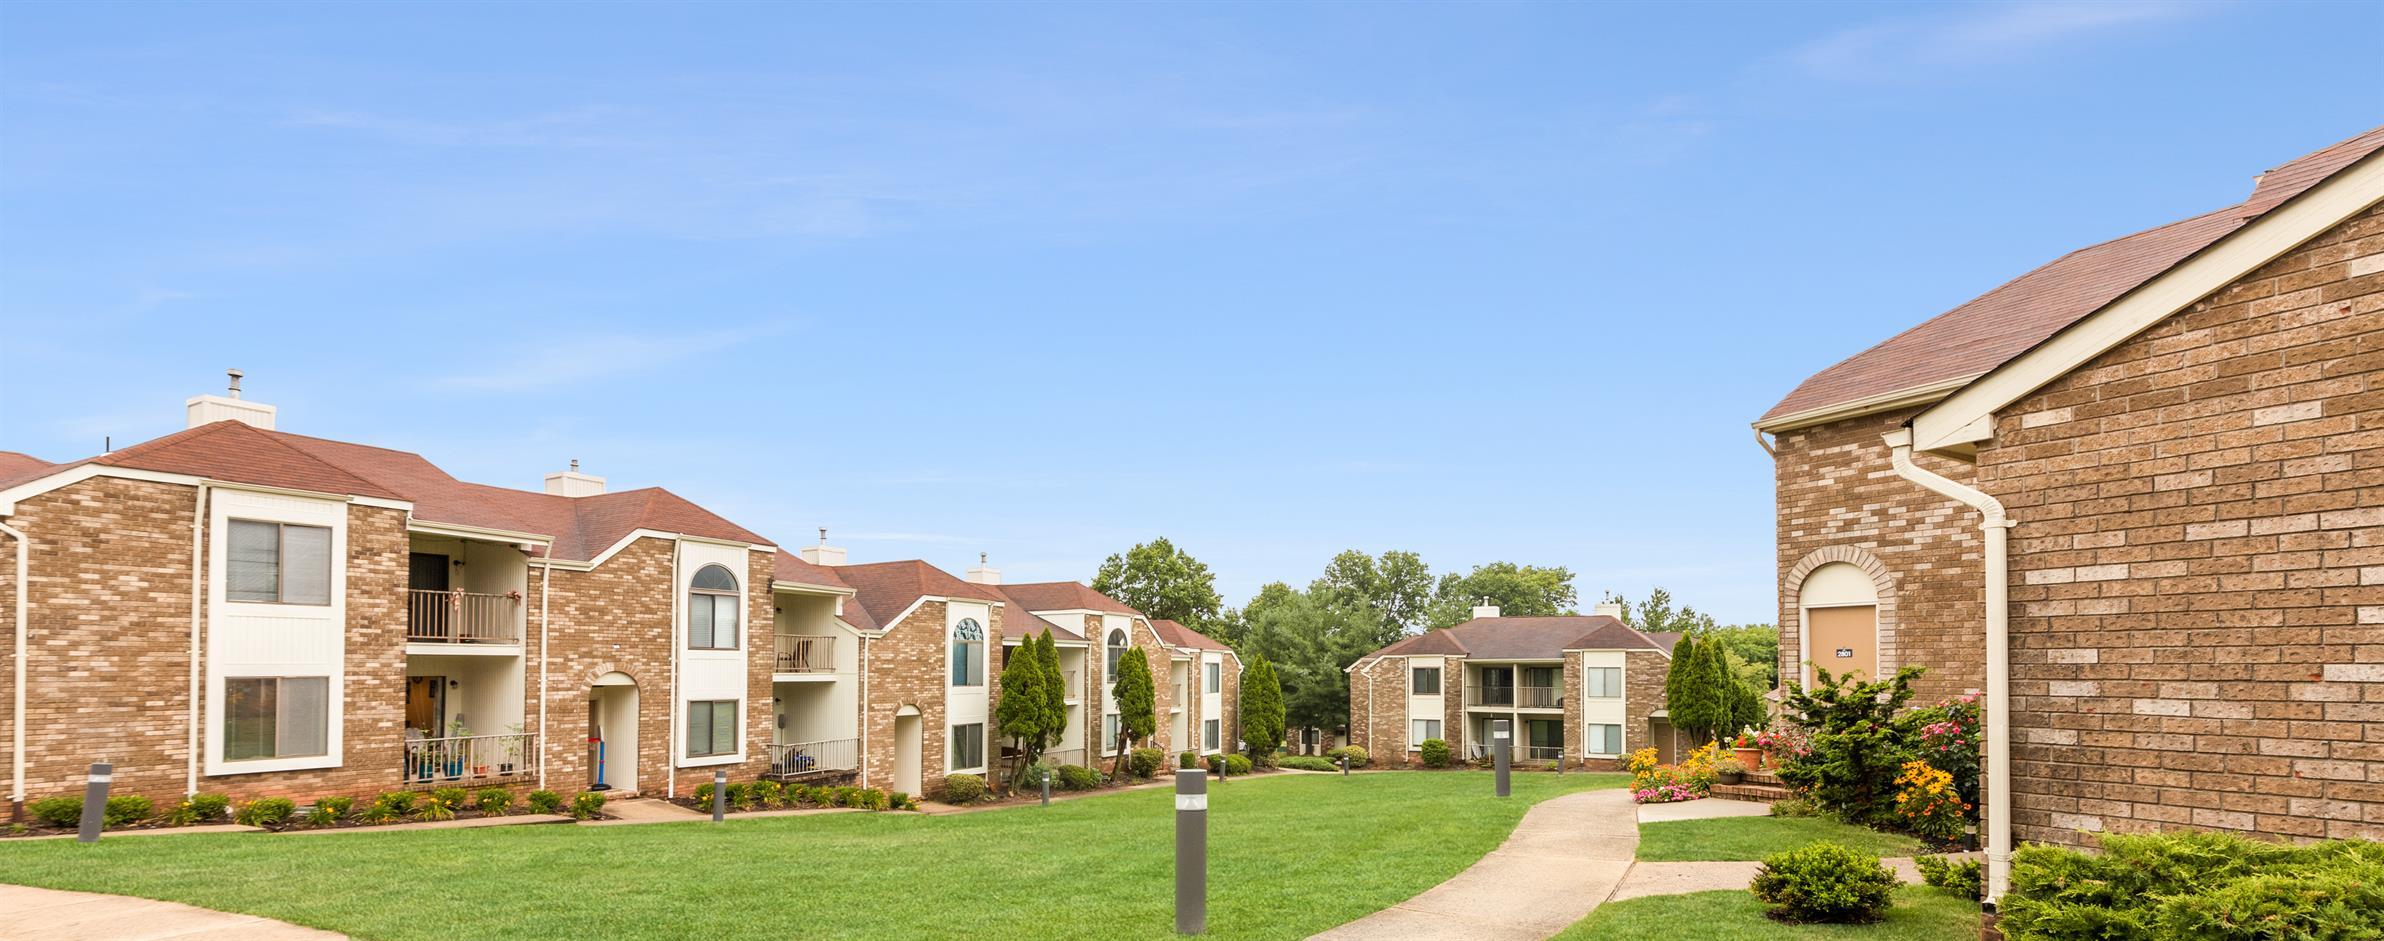 Image of Meadowbrook Village @ Bridgewater